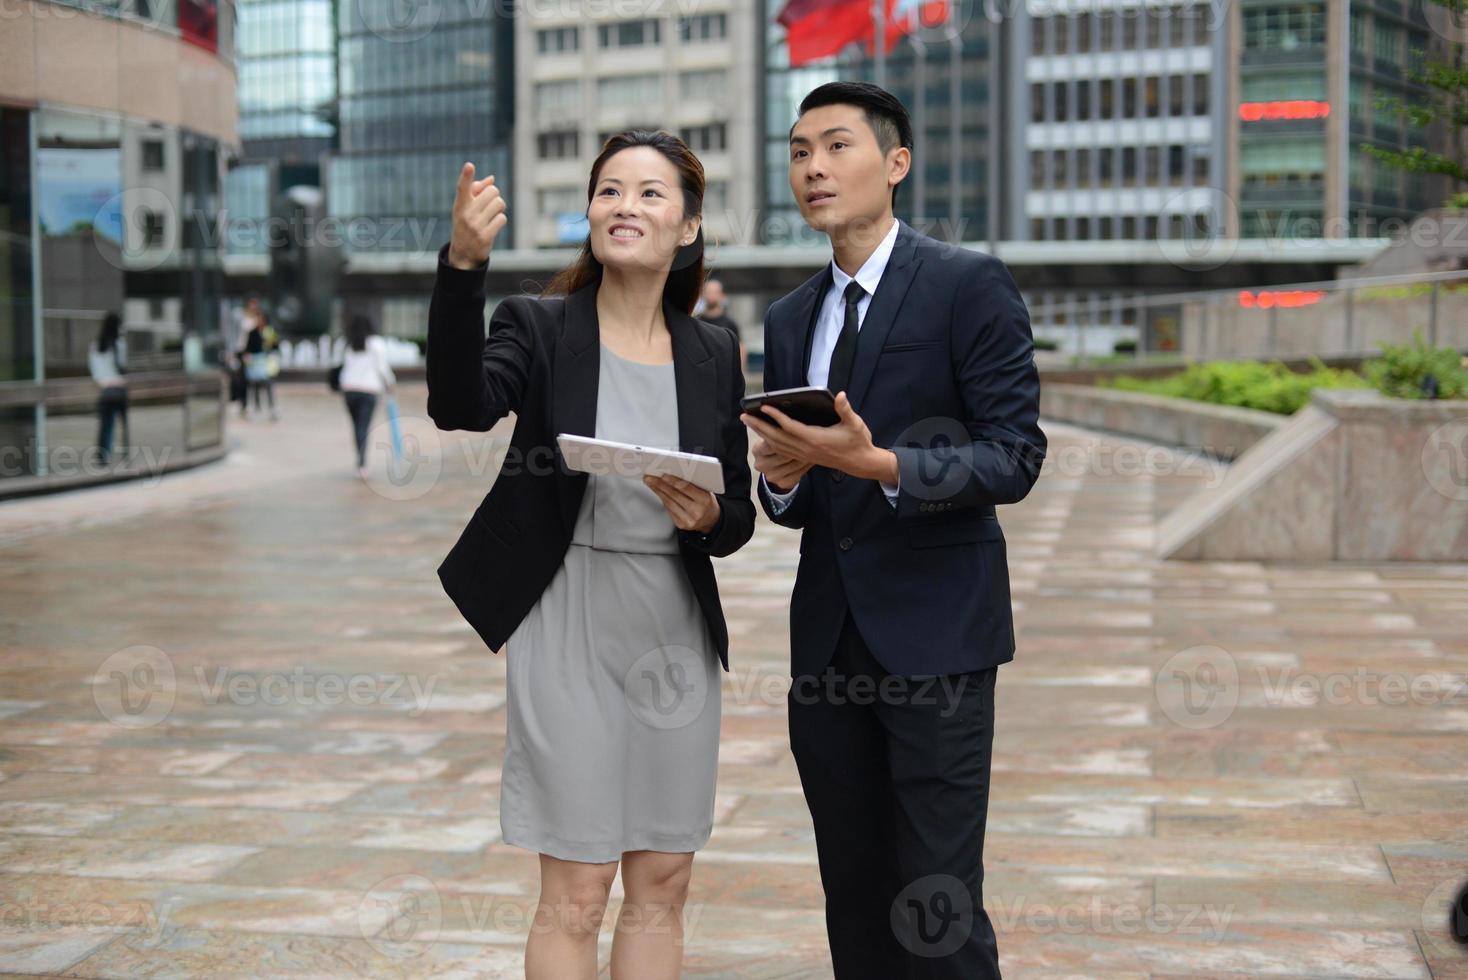 Aziatische zakenmensen in discussie foto